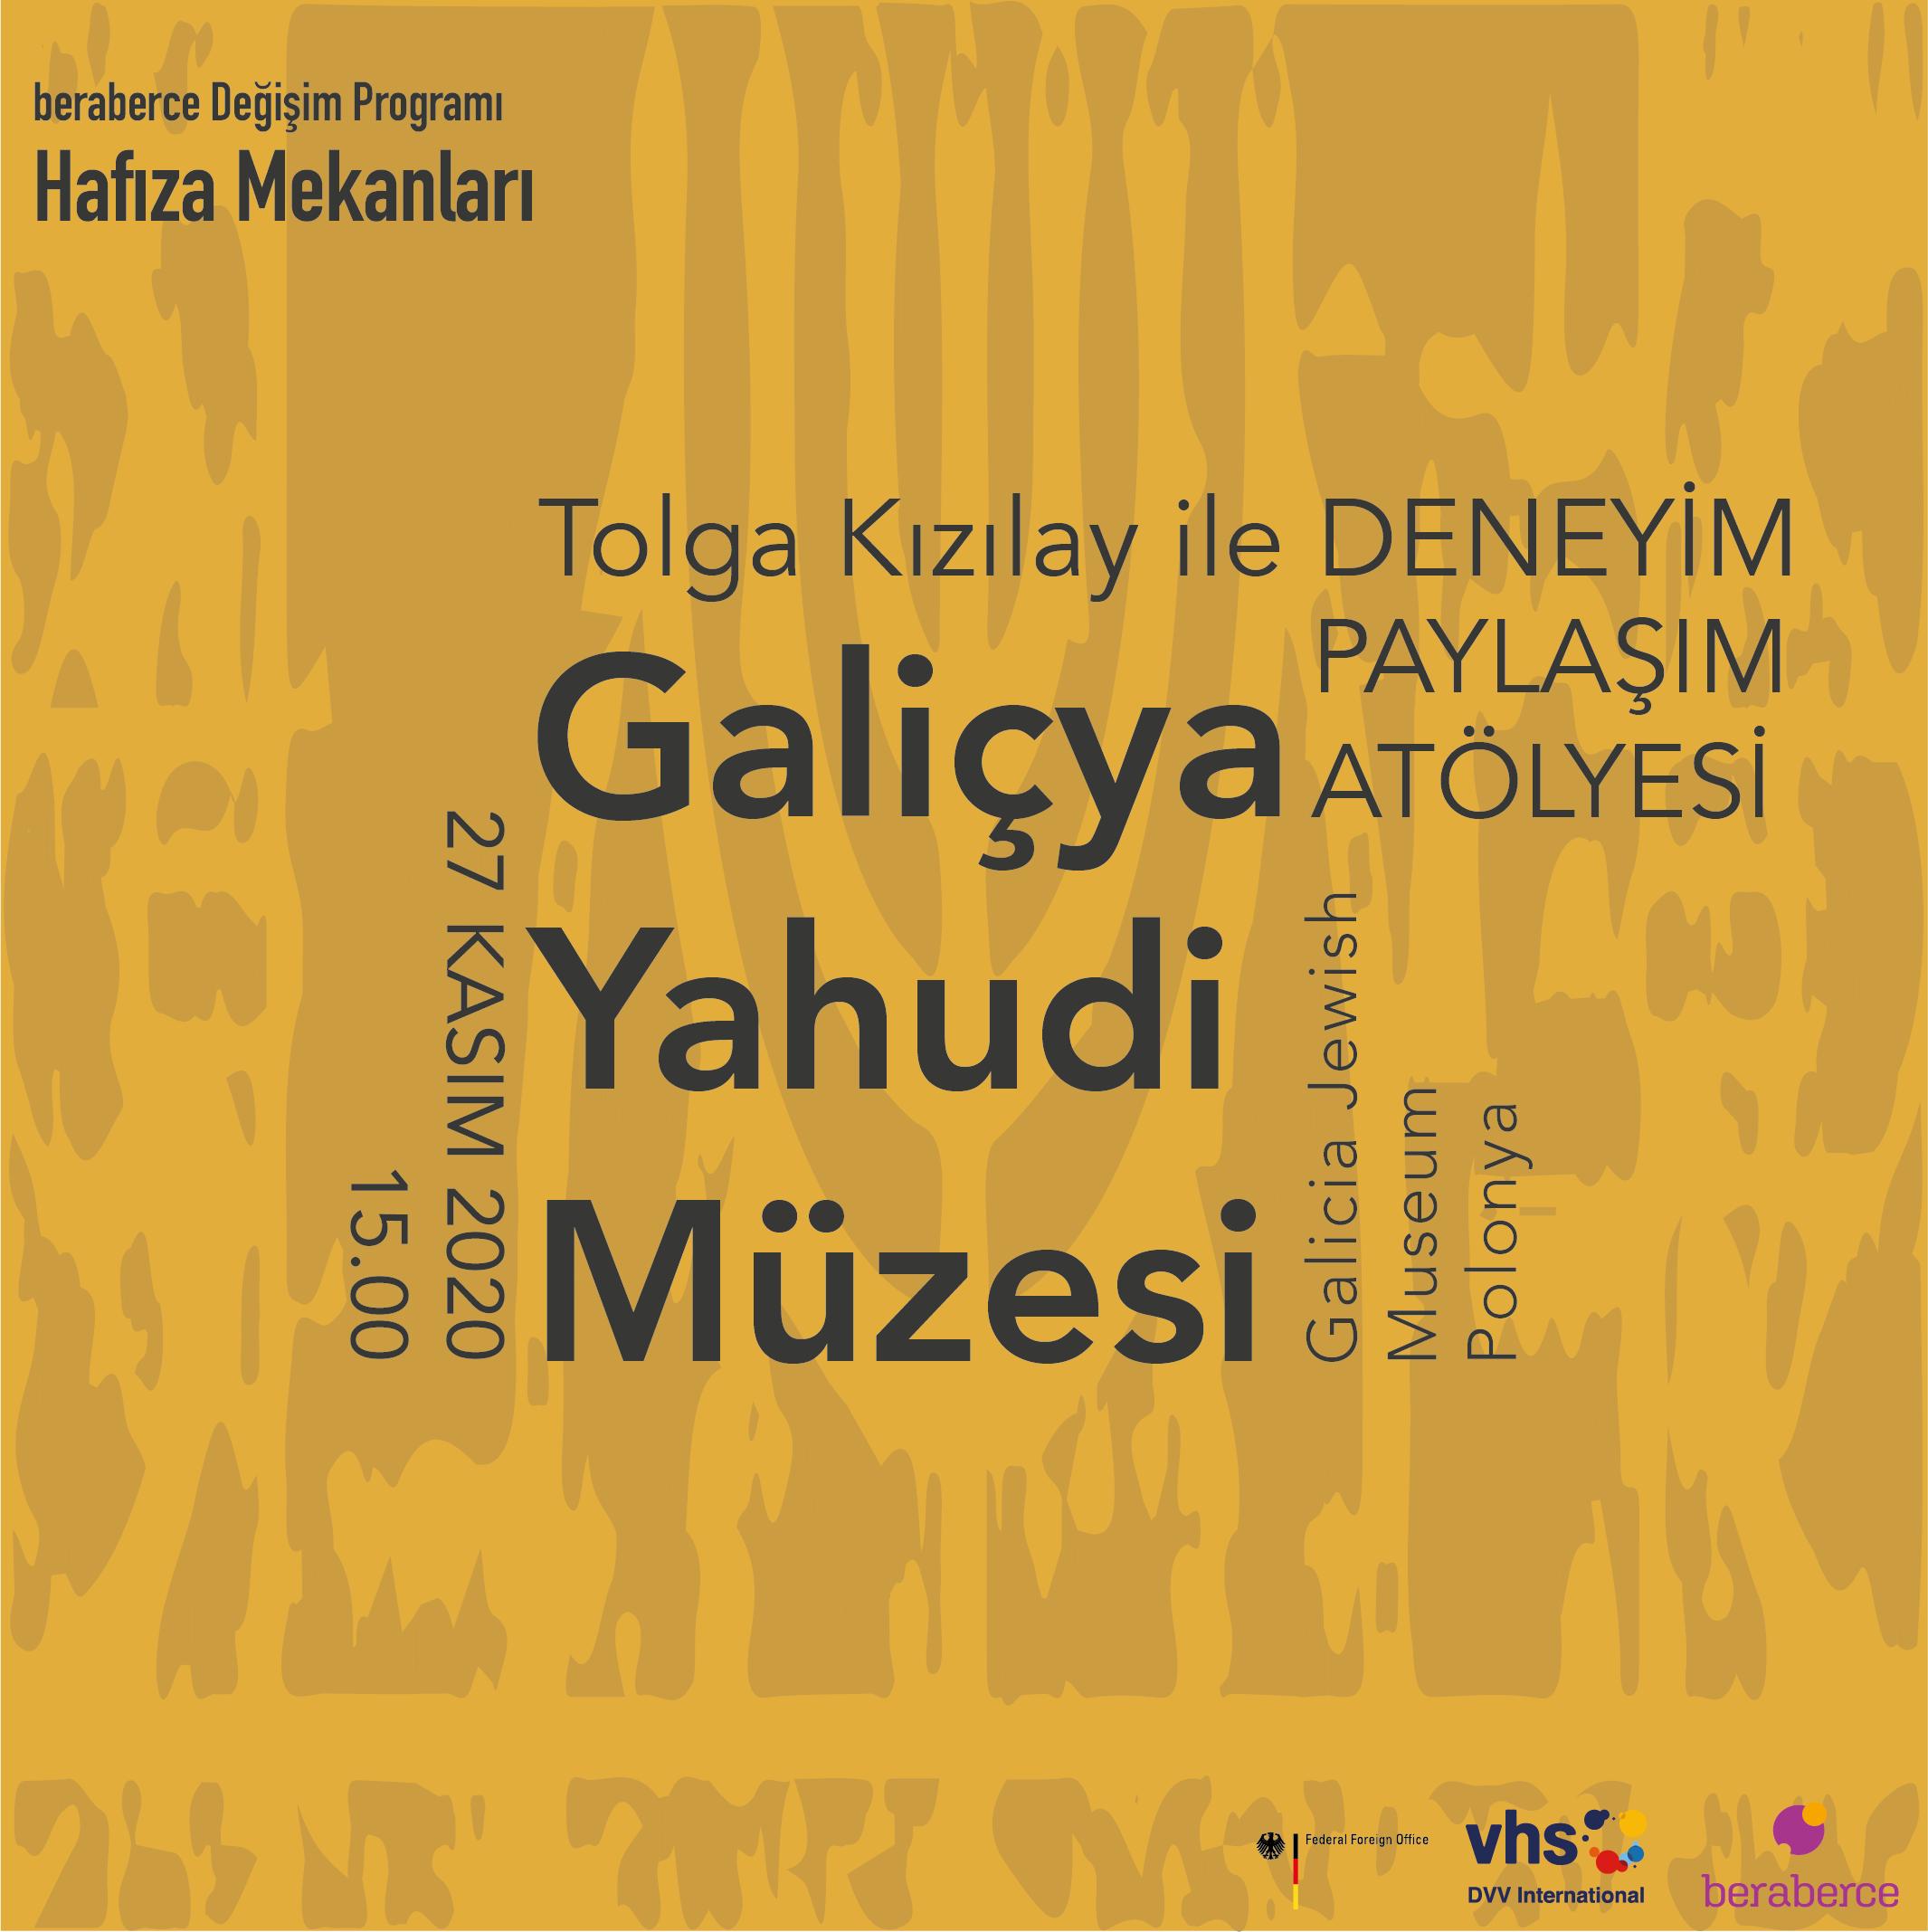 Deneyim Paylaşım Atölyesi: Galiçya Yahudi Müzesi